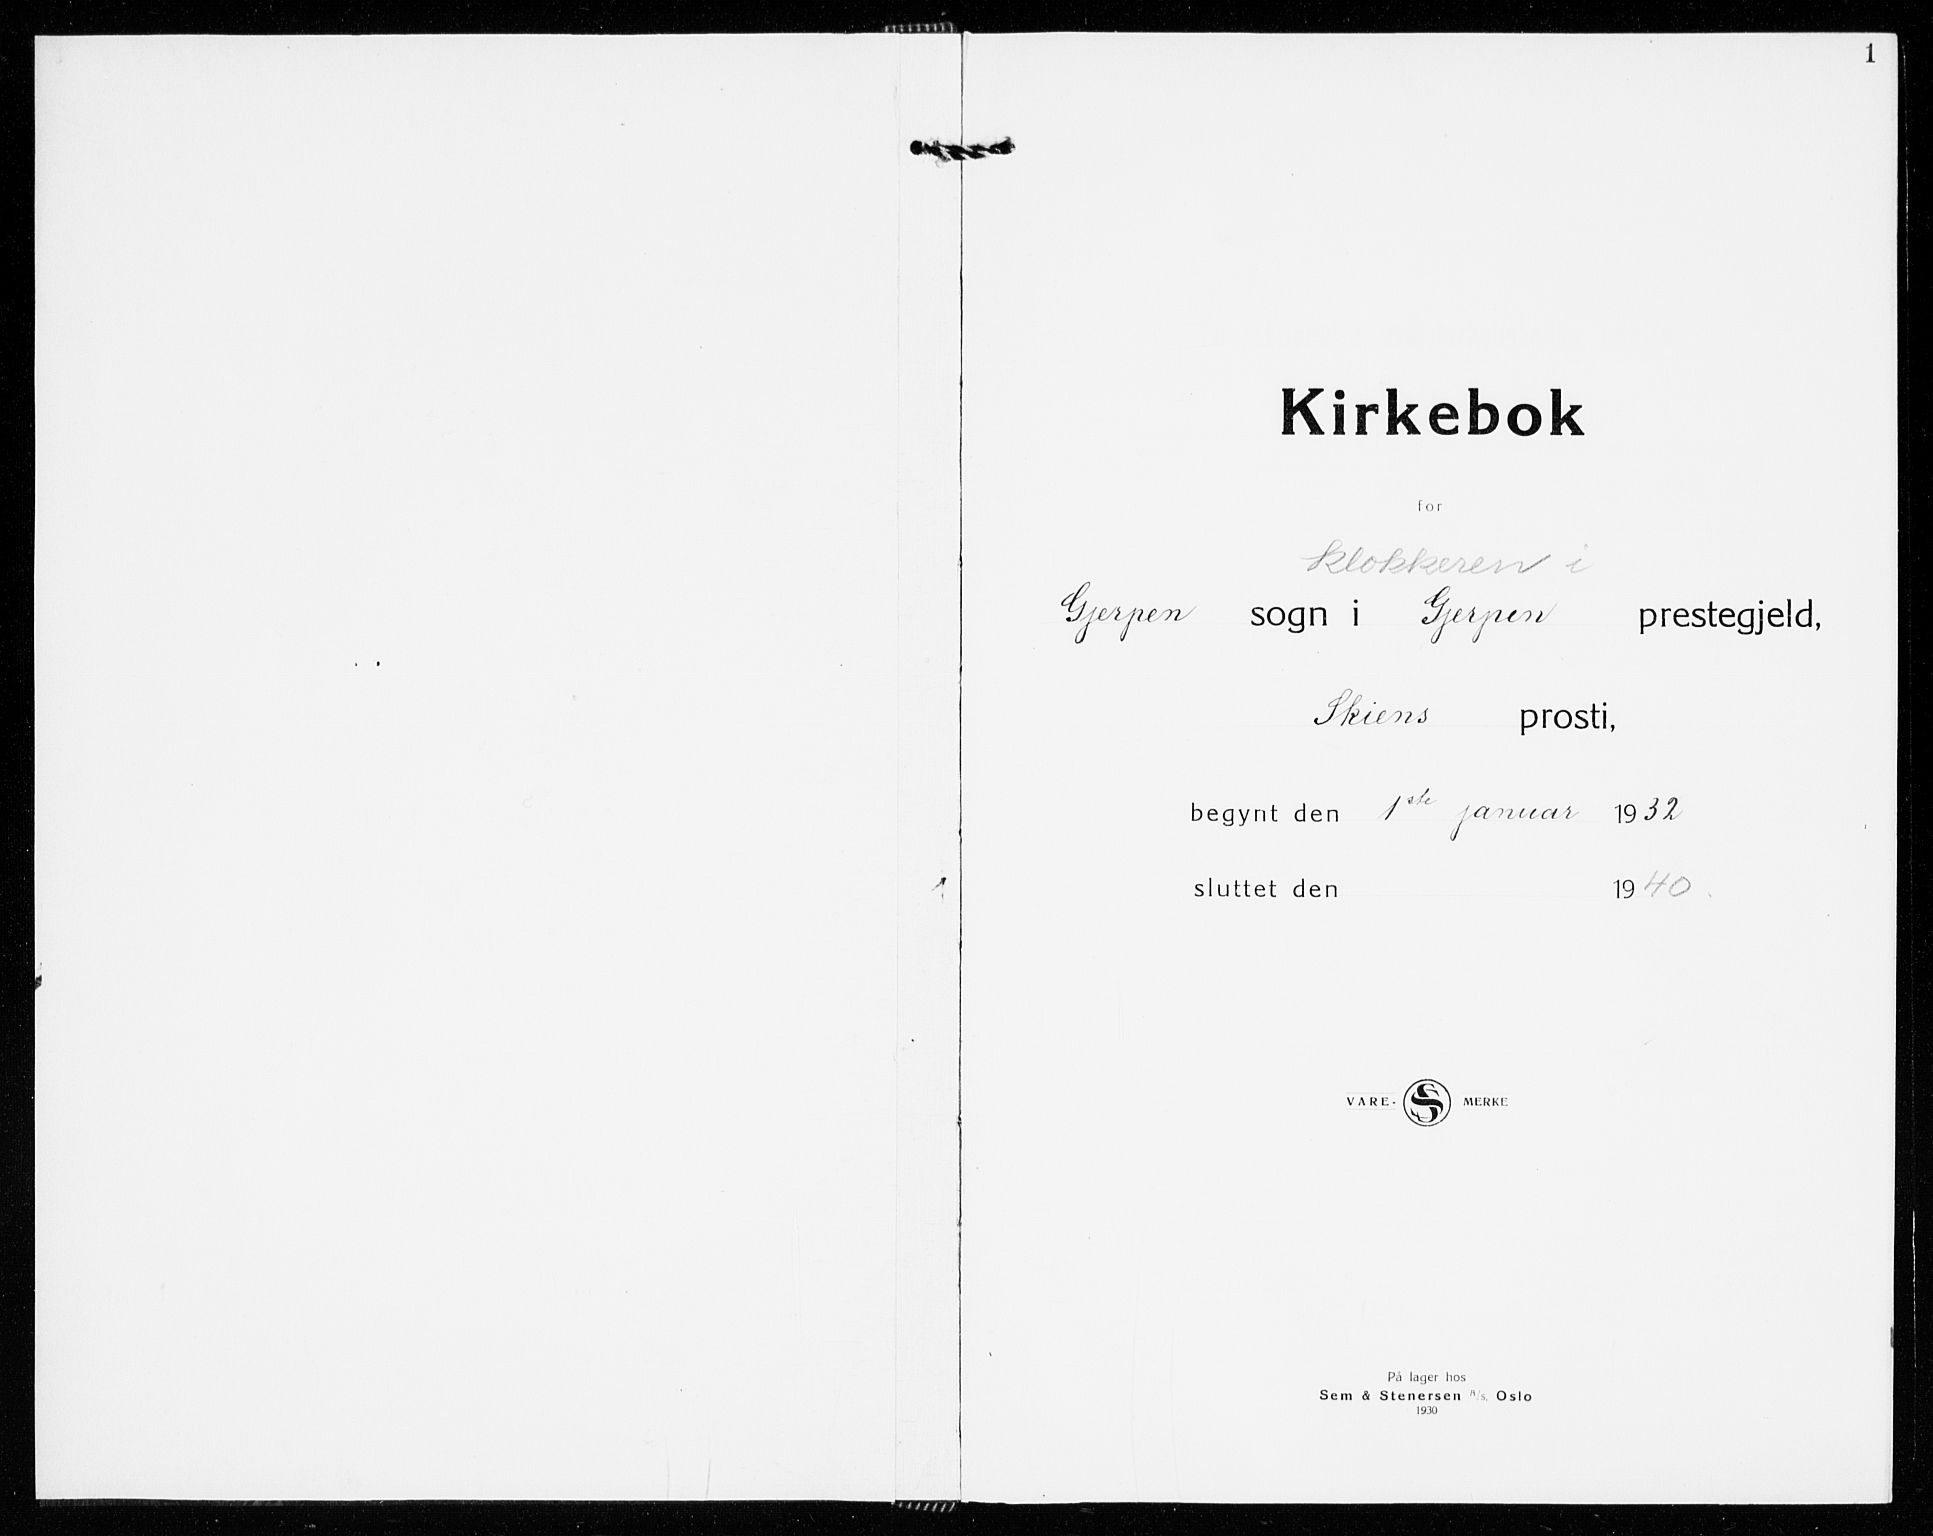 SAKO, Gjerpen kirkebøker, G/Ga/L0005: Klokkerbok nr. I 5, 1932-1940, s. 1